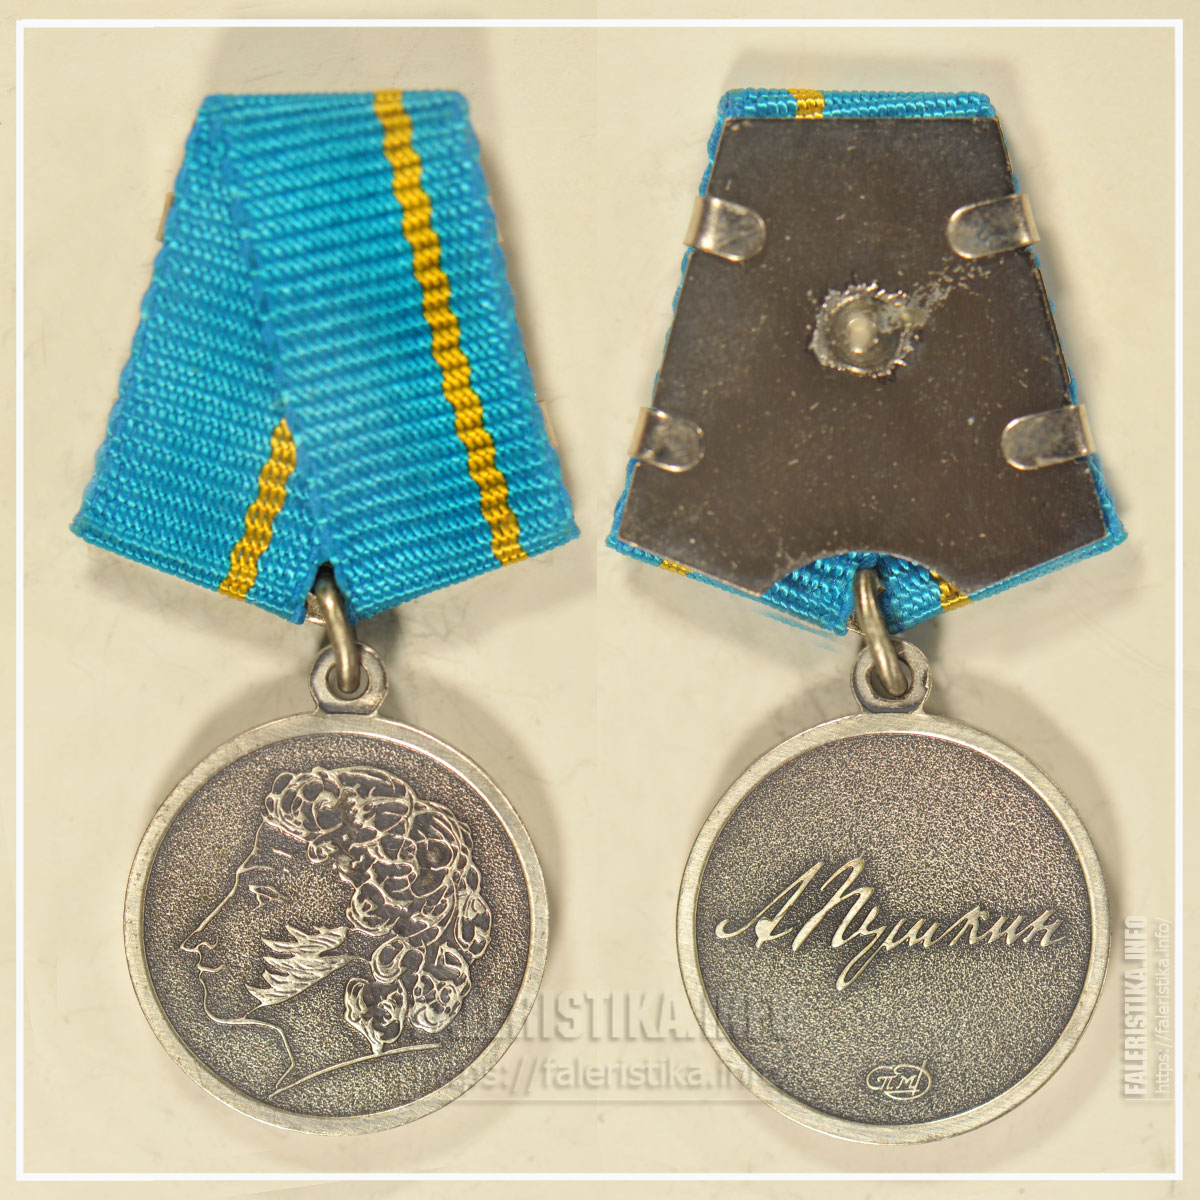 Медаль Пушкина. Миниатюрная копия знака (фрачник). Санкт-Петербургский монетный двор